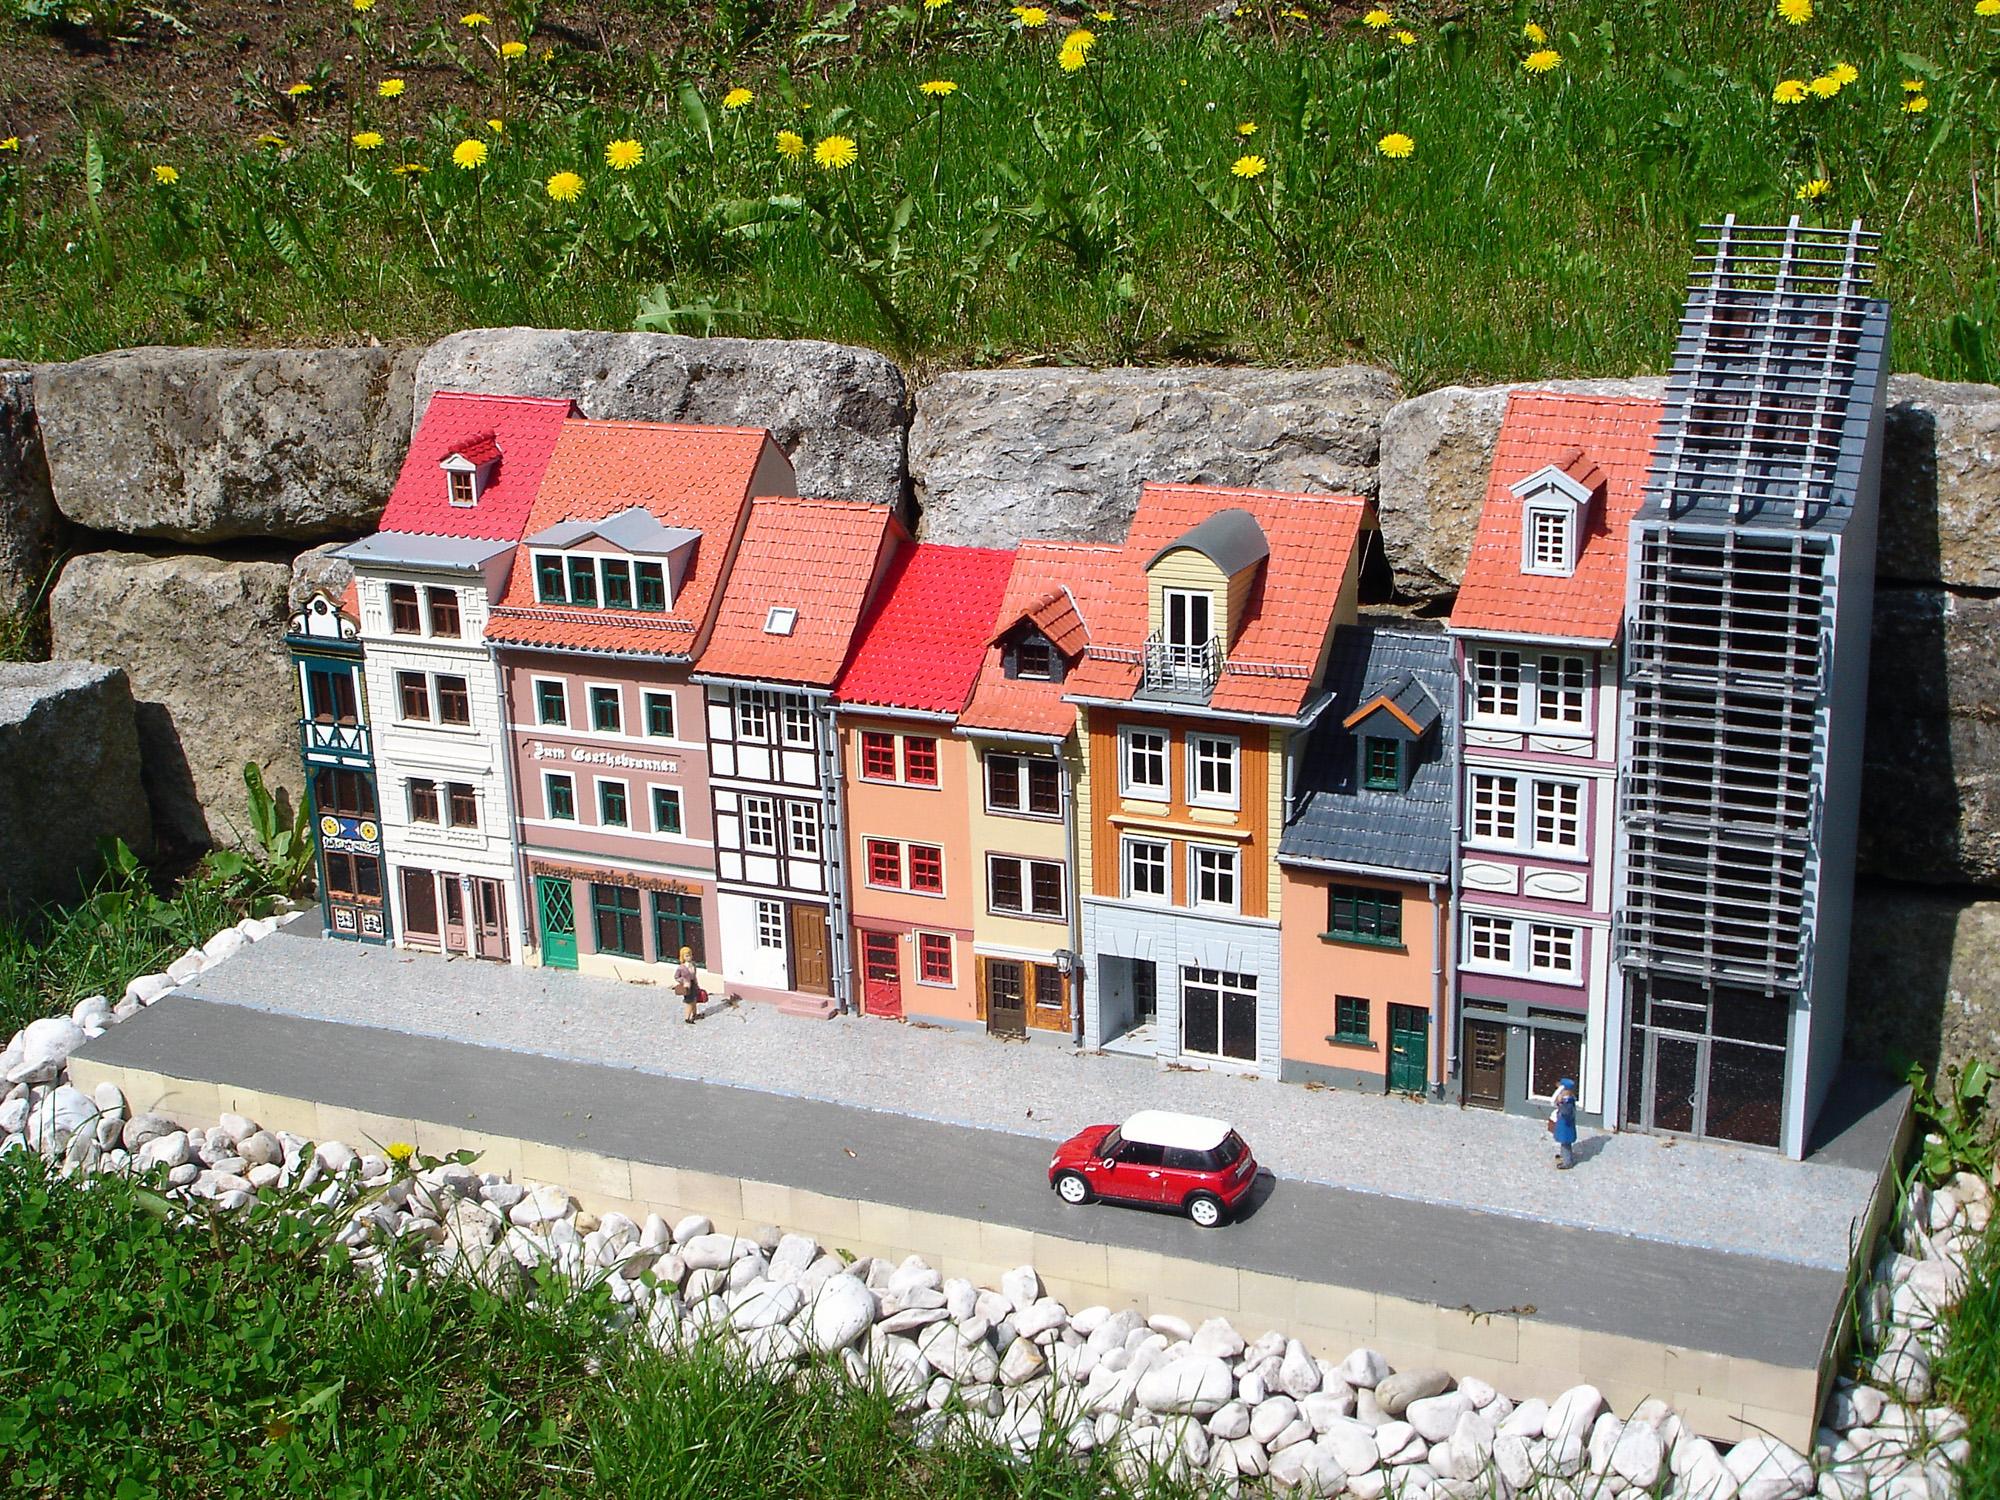 Schmale Häuser file miniathür schmale häuser jpg wikimedia commons